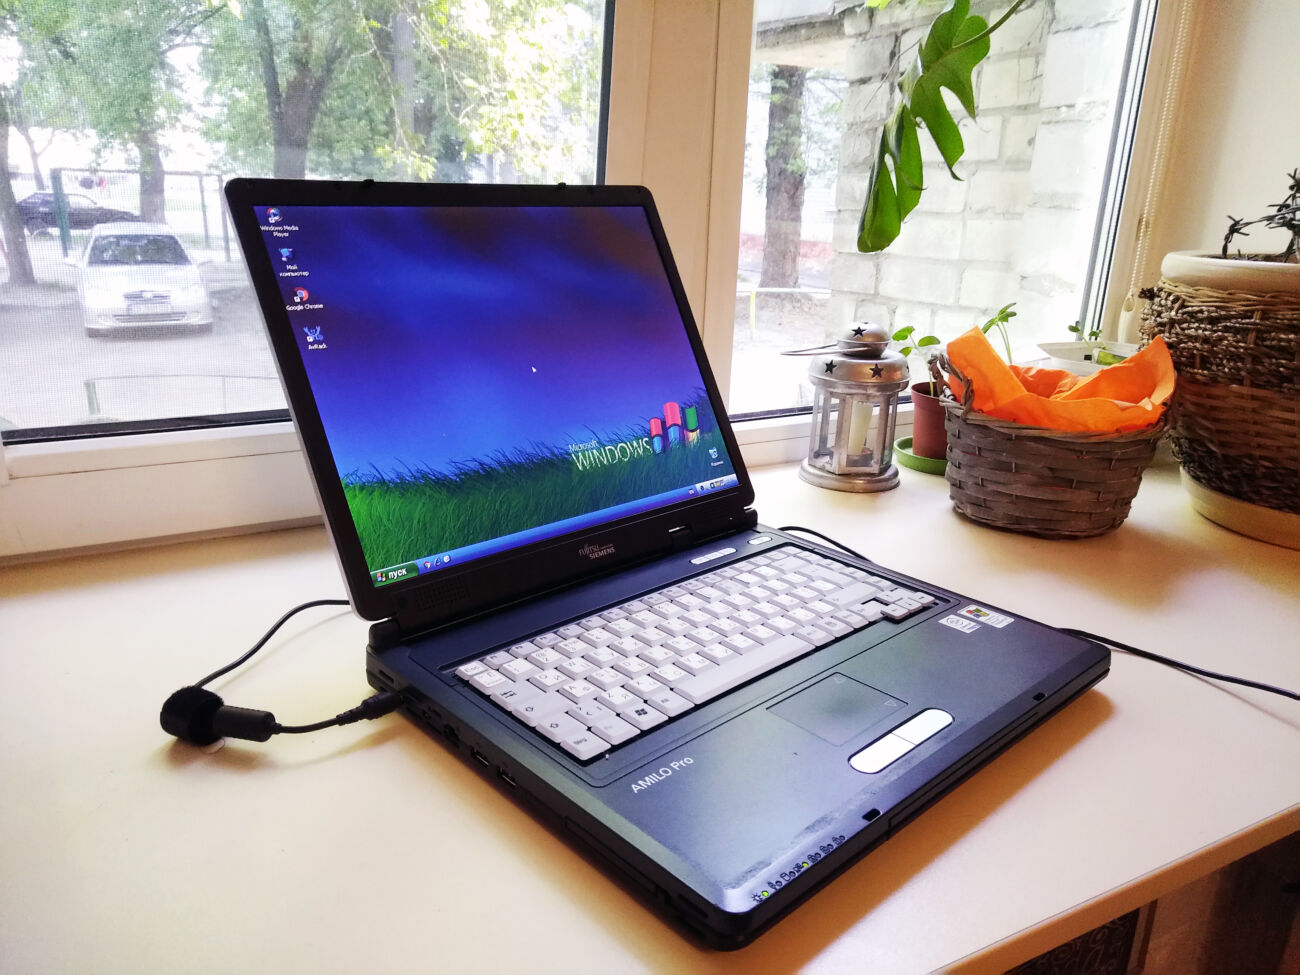 Ноутбук Fujitsu-Siemens Amilo Pro V2010 (Intel/RAM 2Gb/HDD 100Gb)